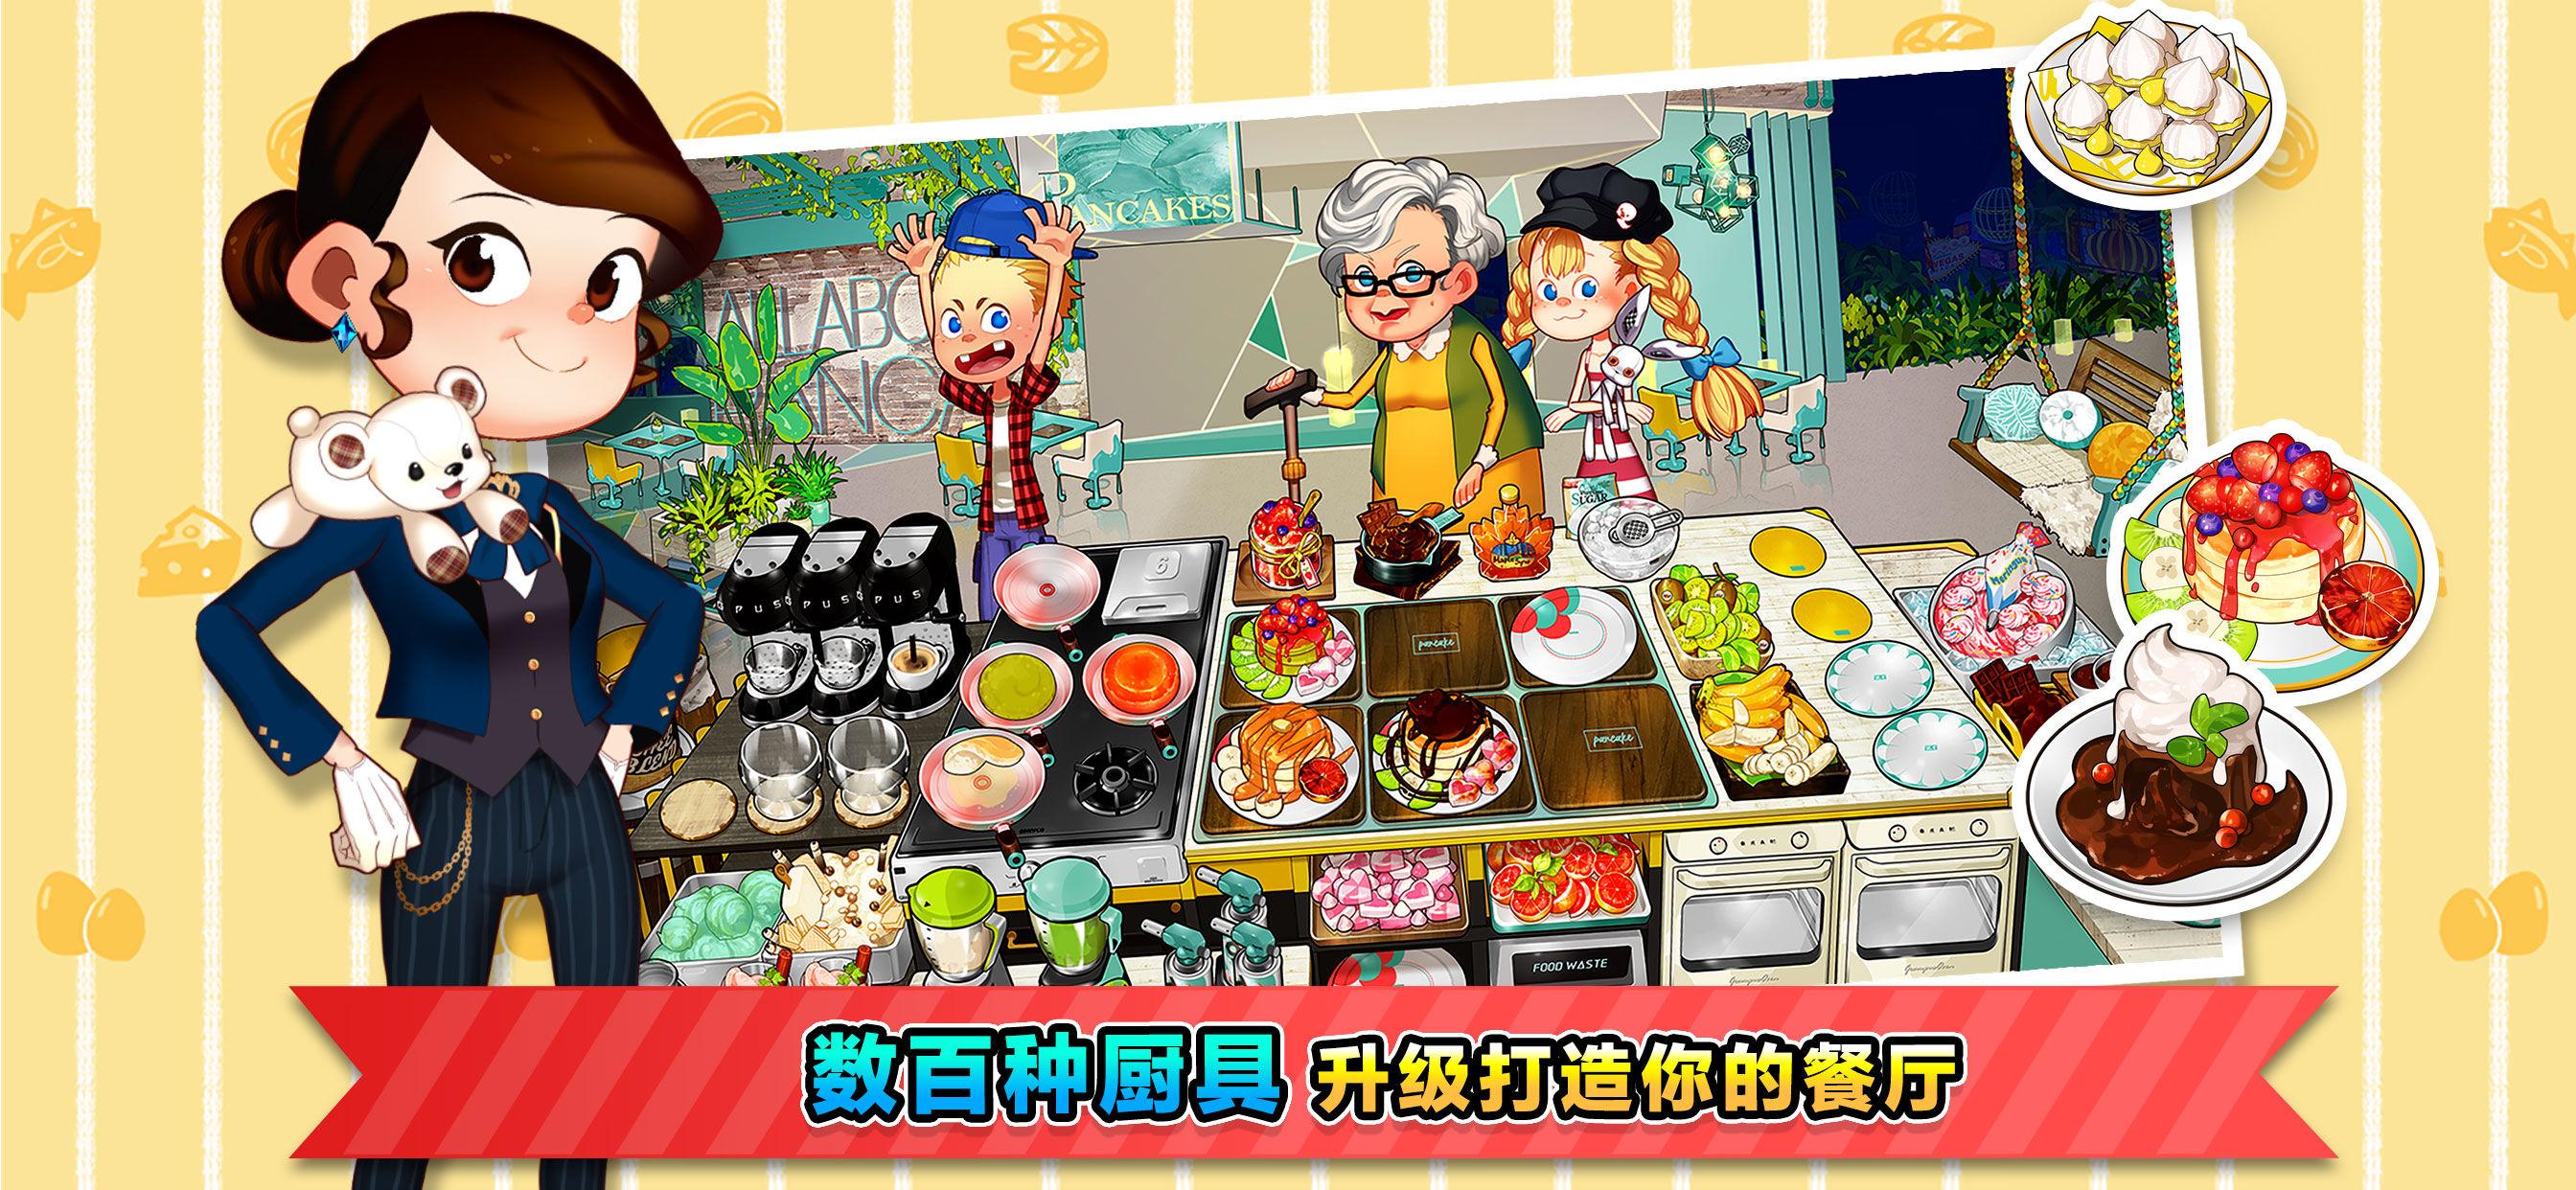 烹饪冒险?